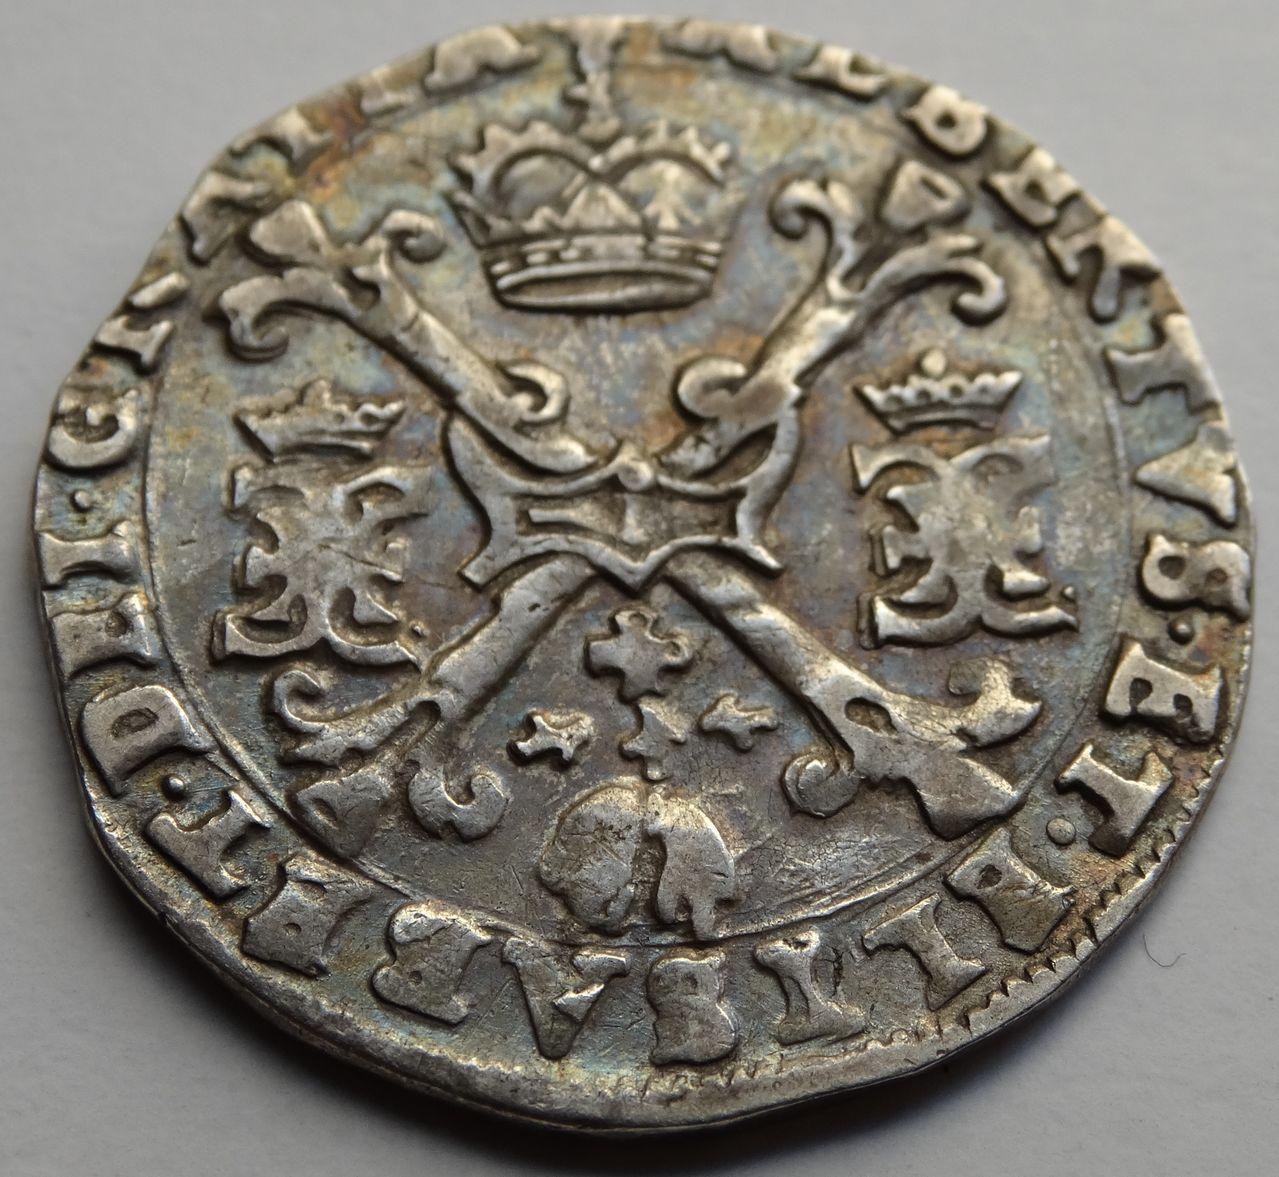 1/4 Patagon s.F (1612/1621) Alberto e Isabel, ceca de Bujas (Flandes) DSC02301